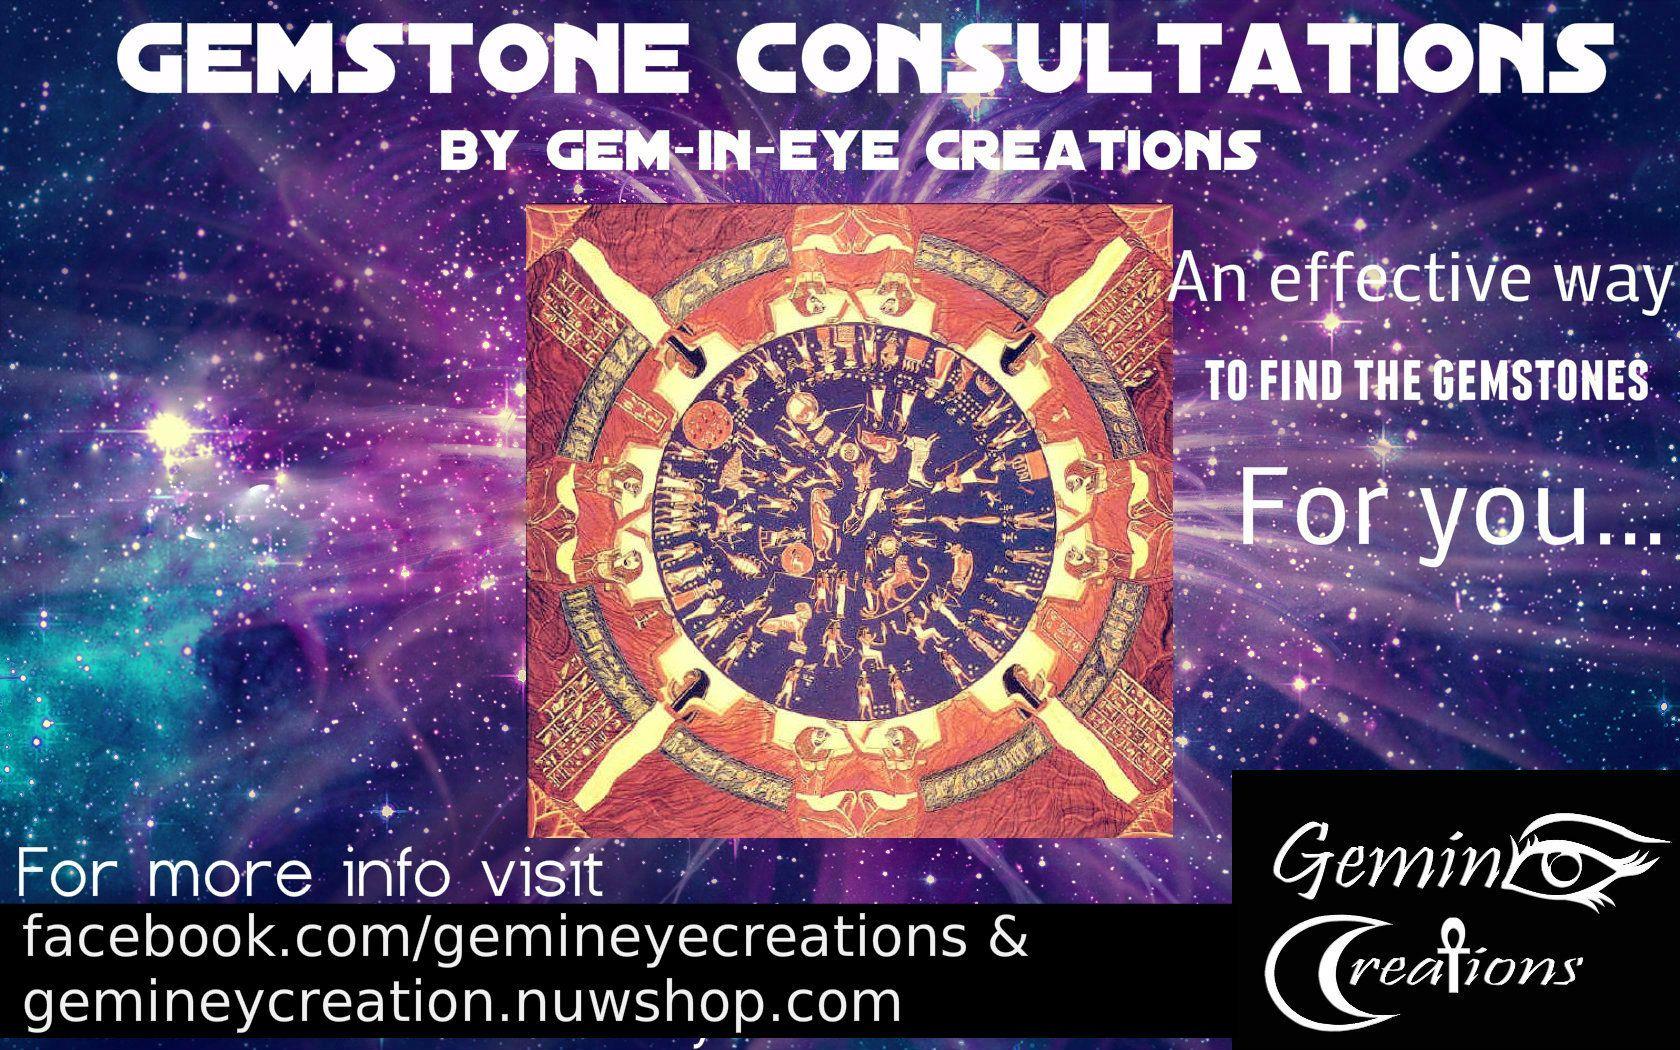 Gemstone Consultations